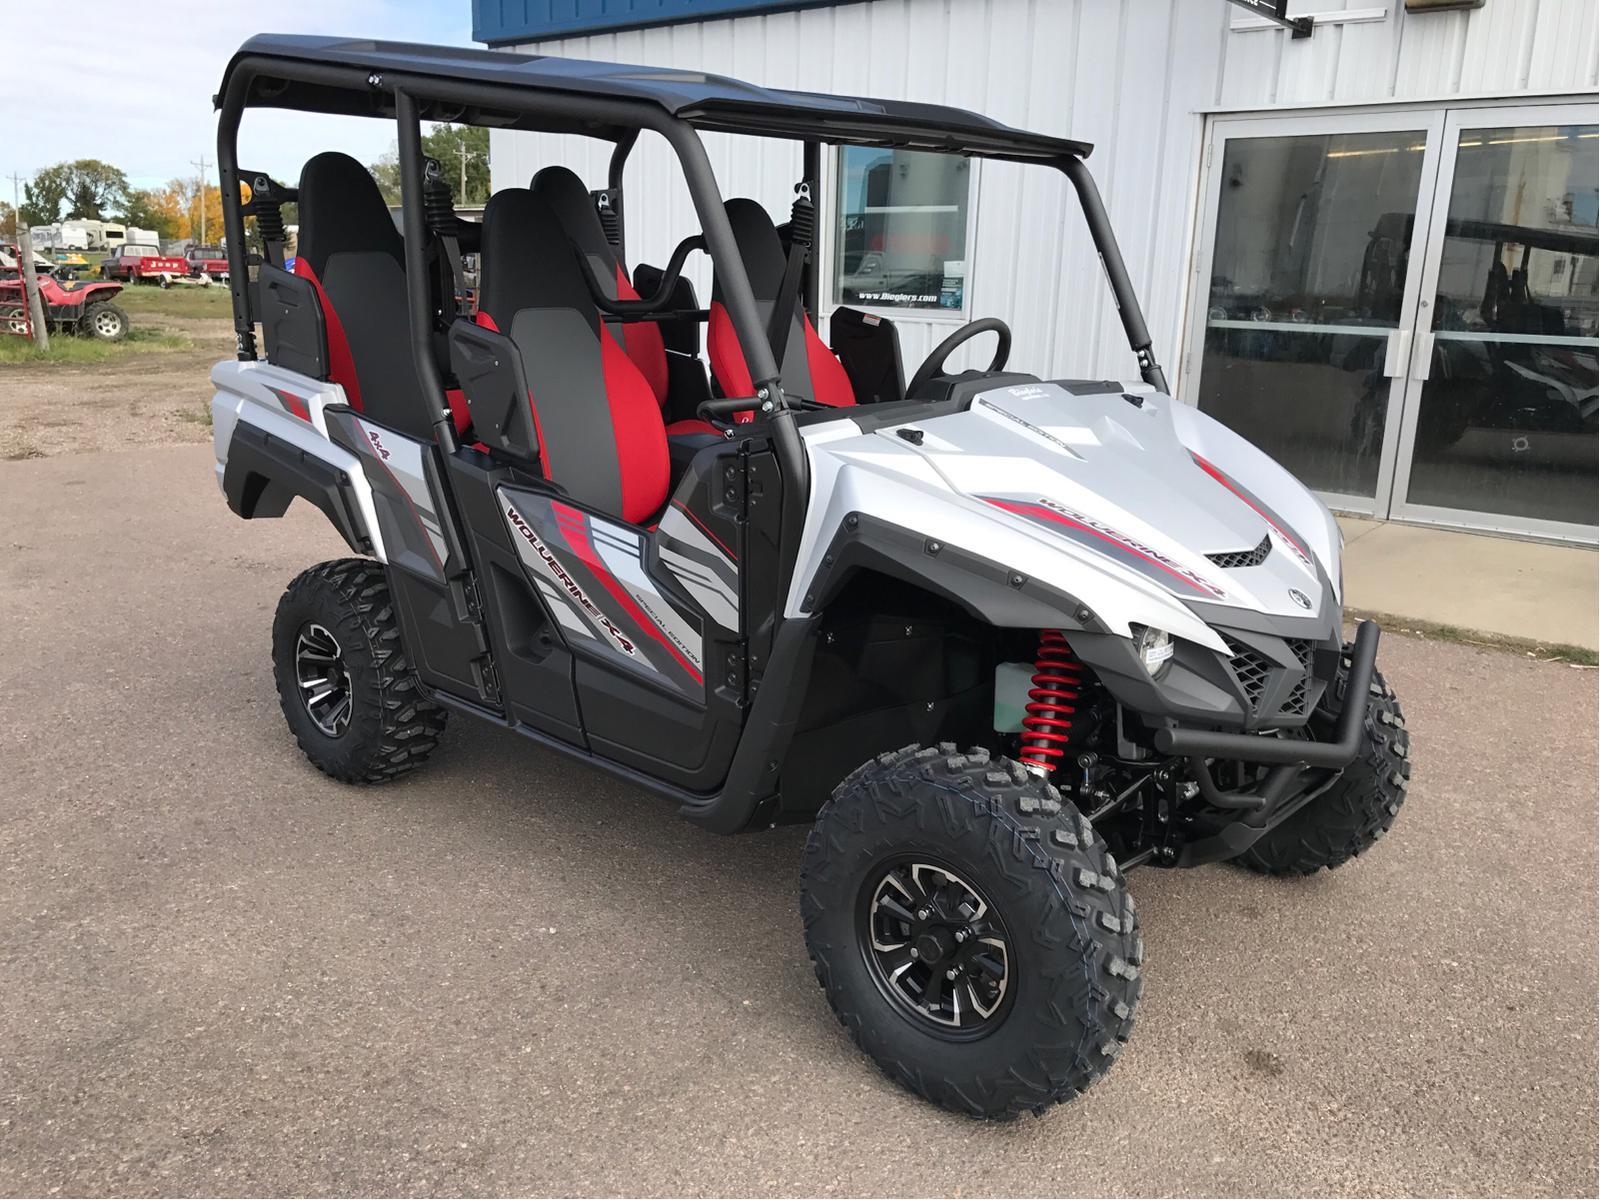 yamaha wolverine x4. 2018 yamaha wolverine x4 se for sale in aberdeen, sd | biegler\u0027s c\u0026s motorsports (800) 750-4533